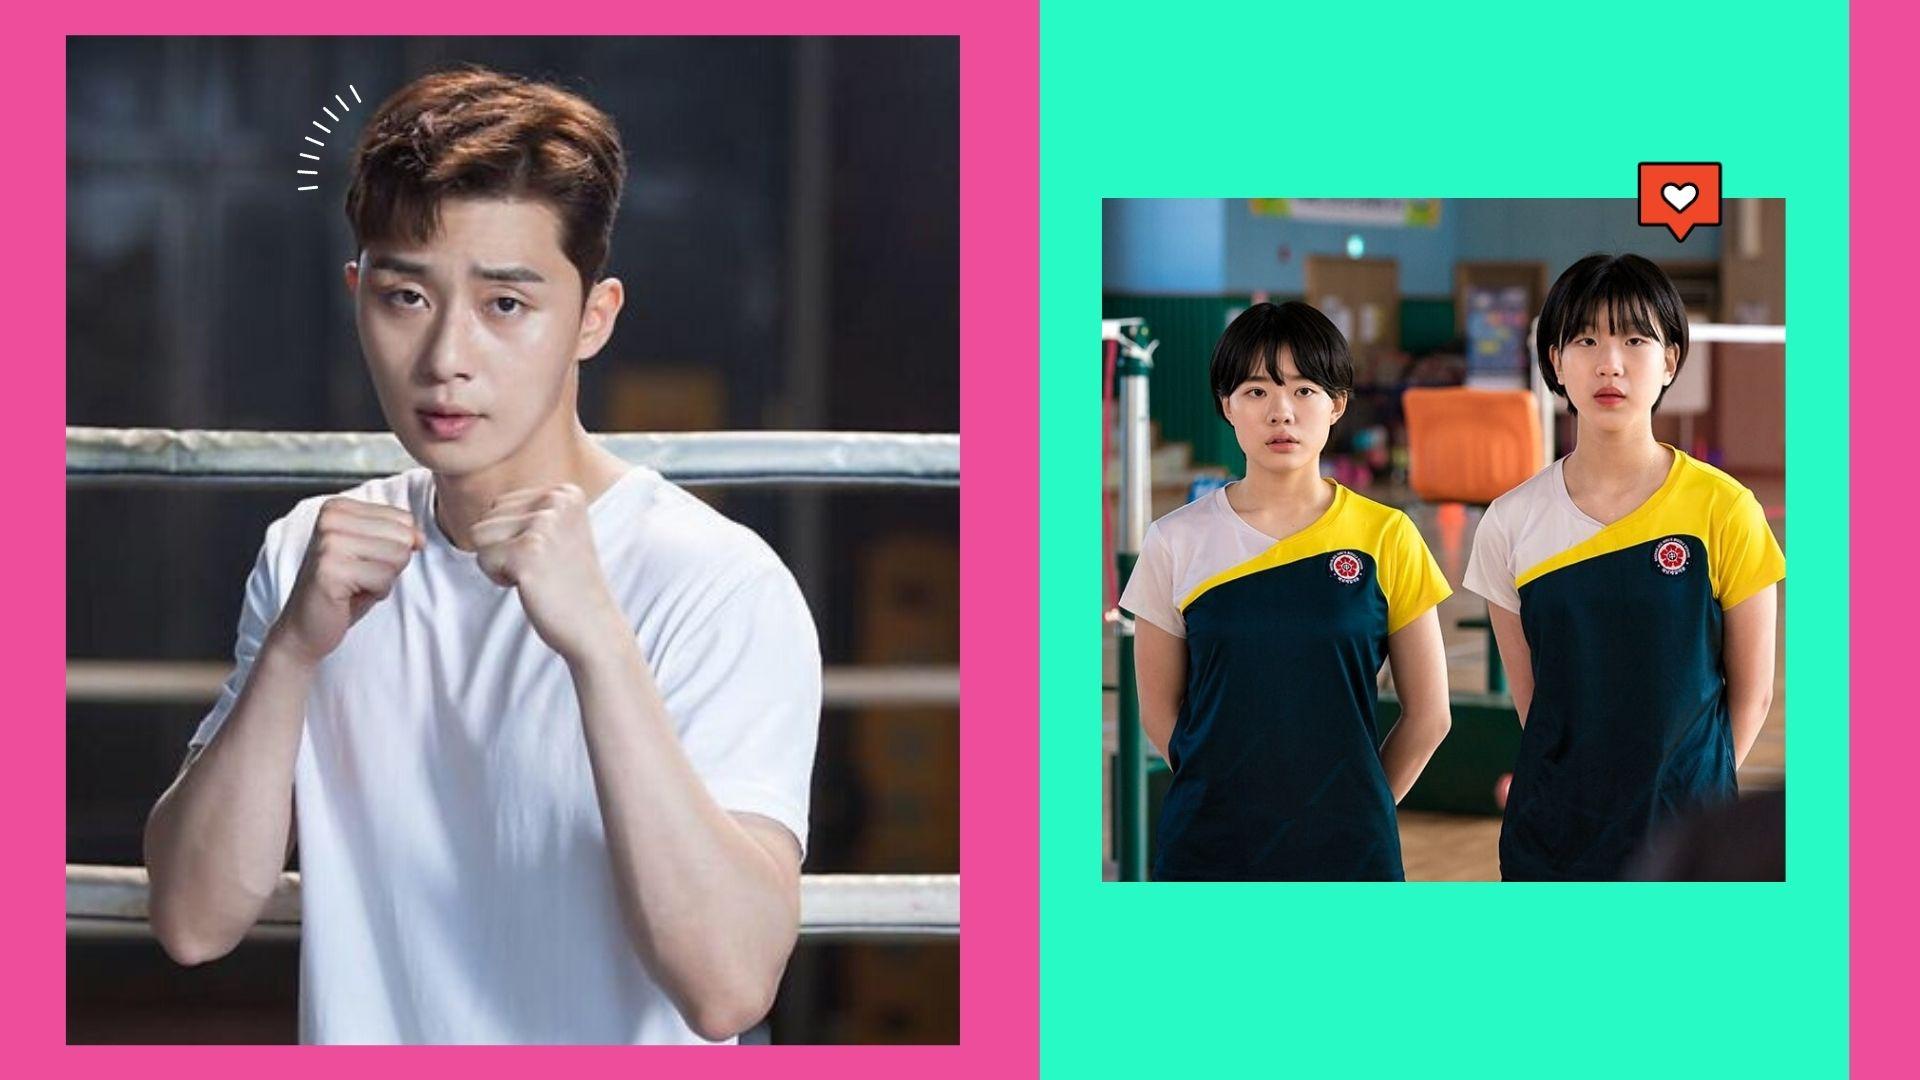 Sports-themed K-dramas